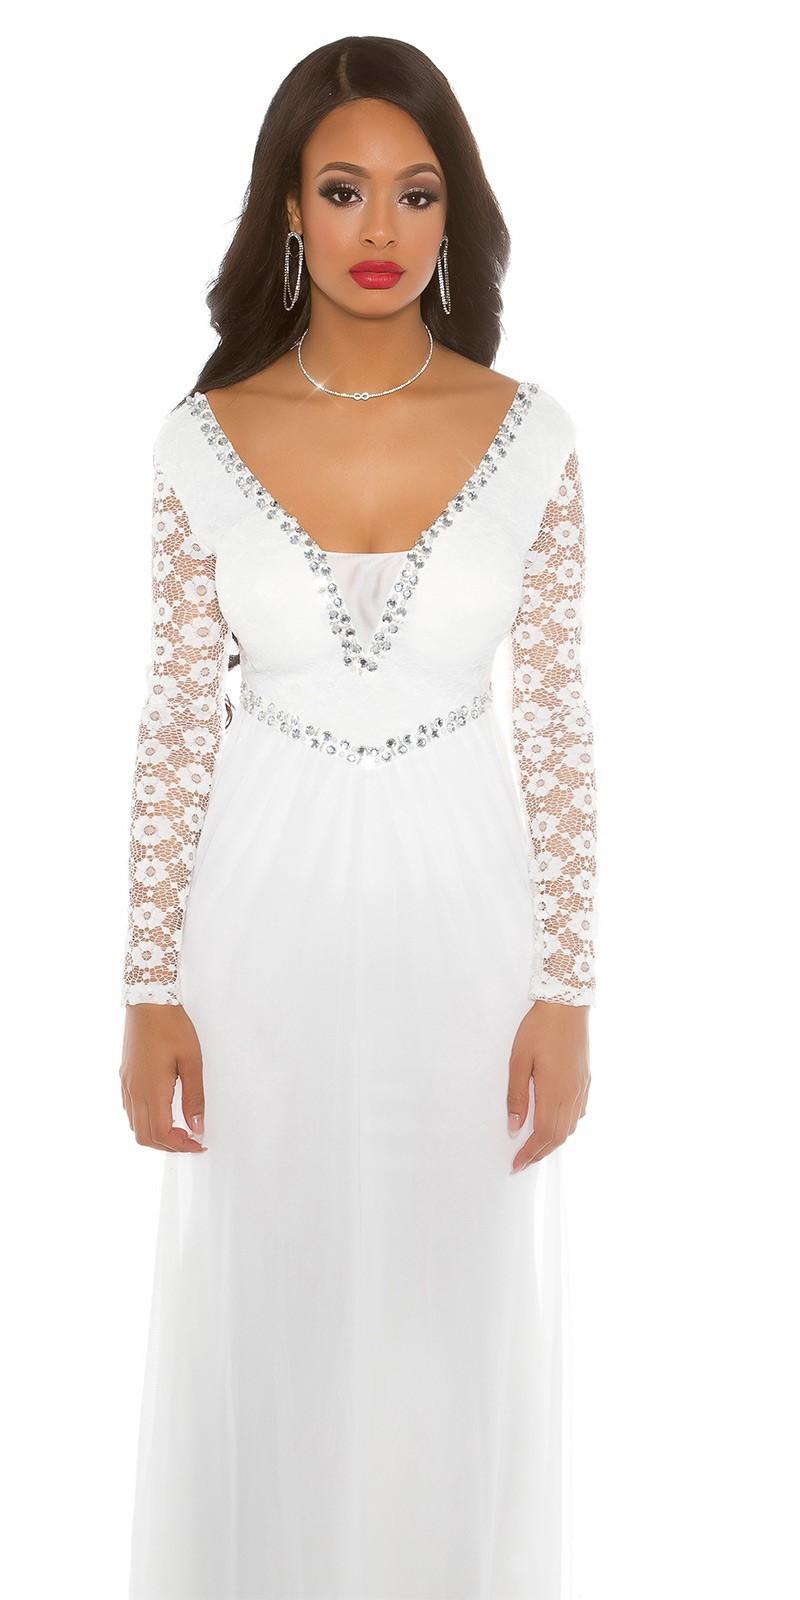 8ba969f69801 Spoločenské šaty dlhý rukáv White – Sissy Boutique